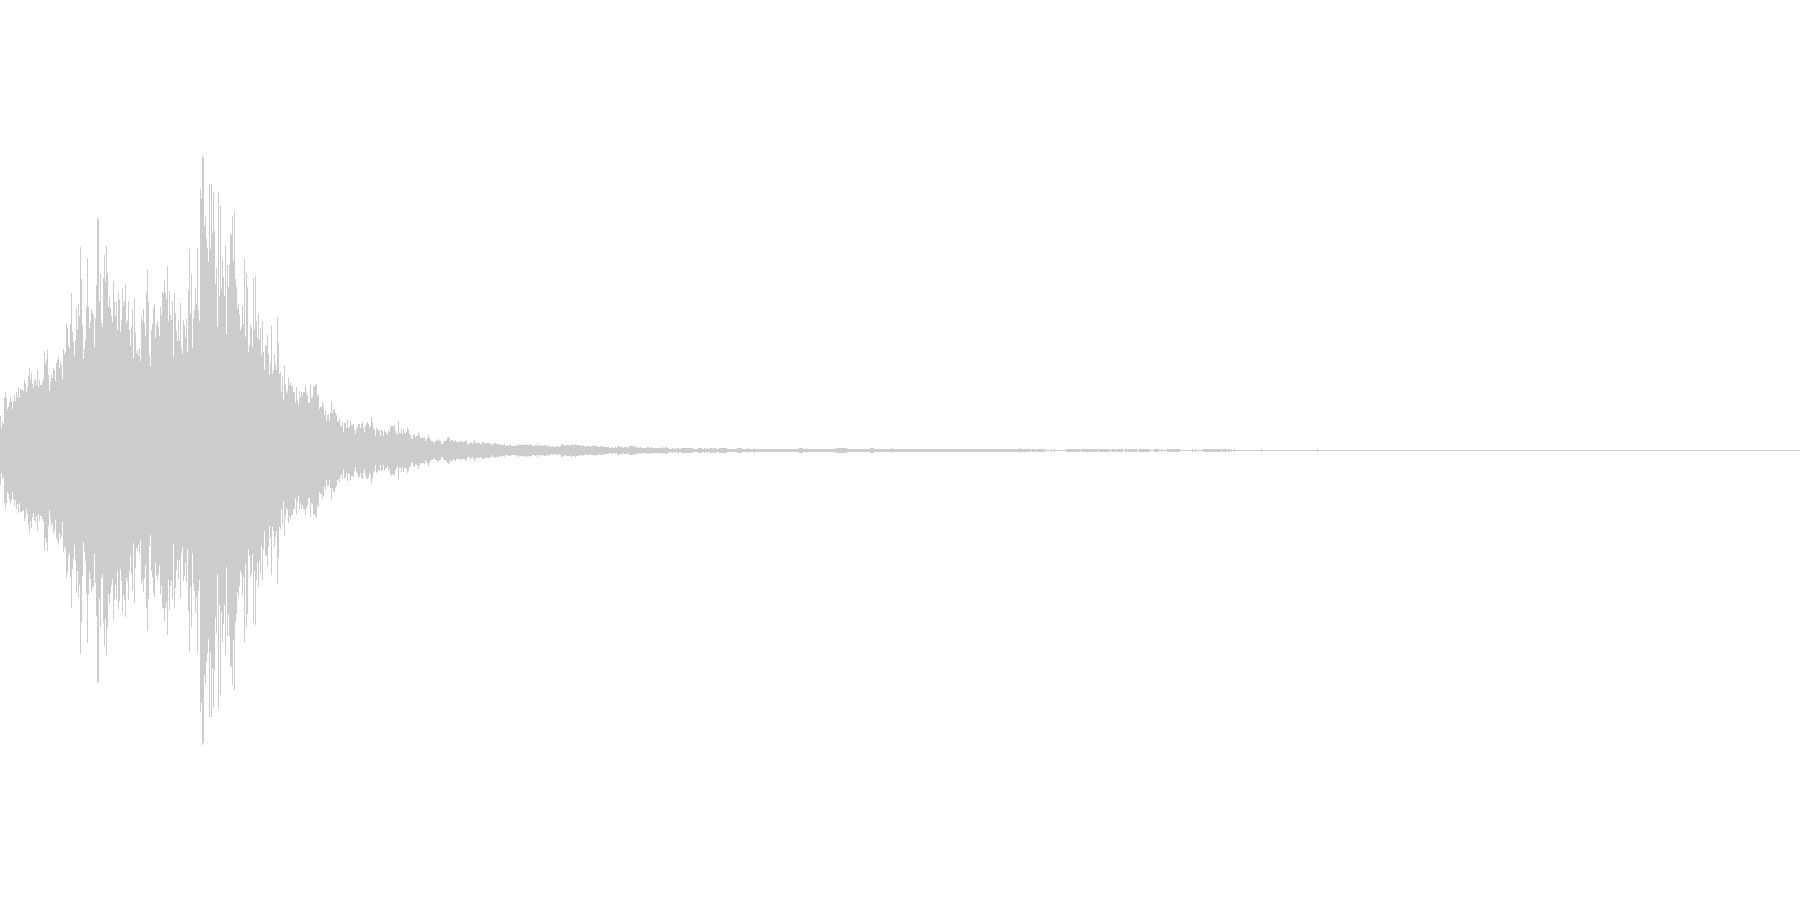 ハープのキラキラ系グリッサンドの未再生の波形